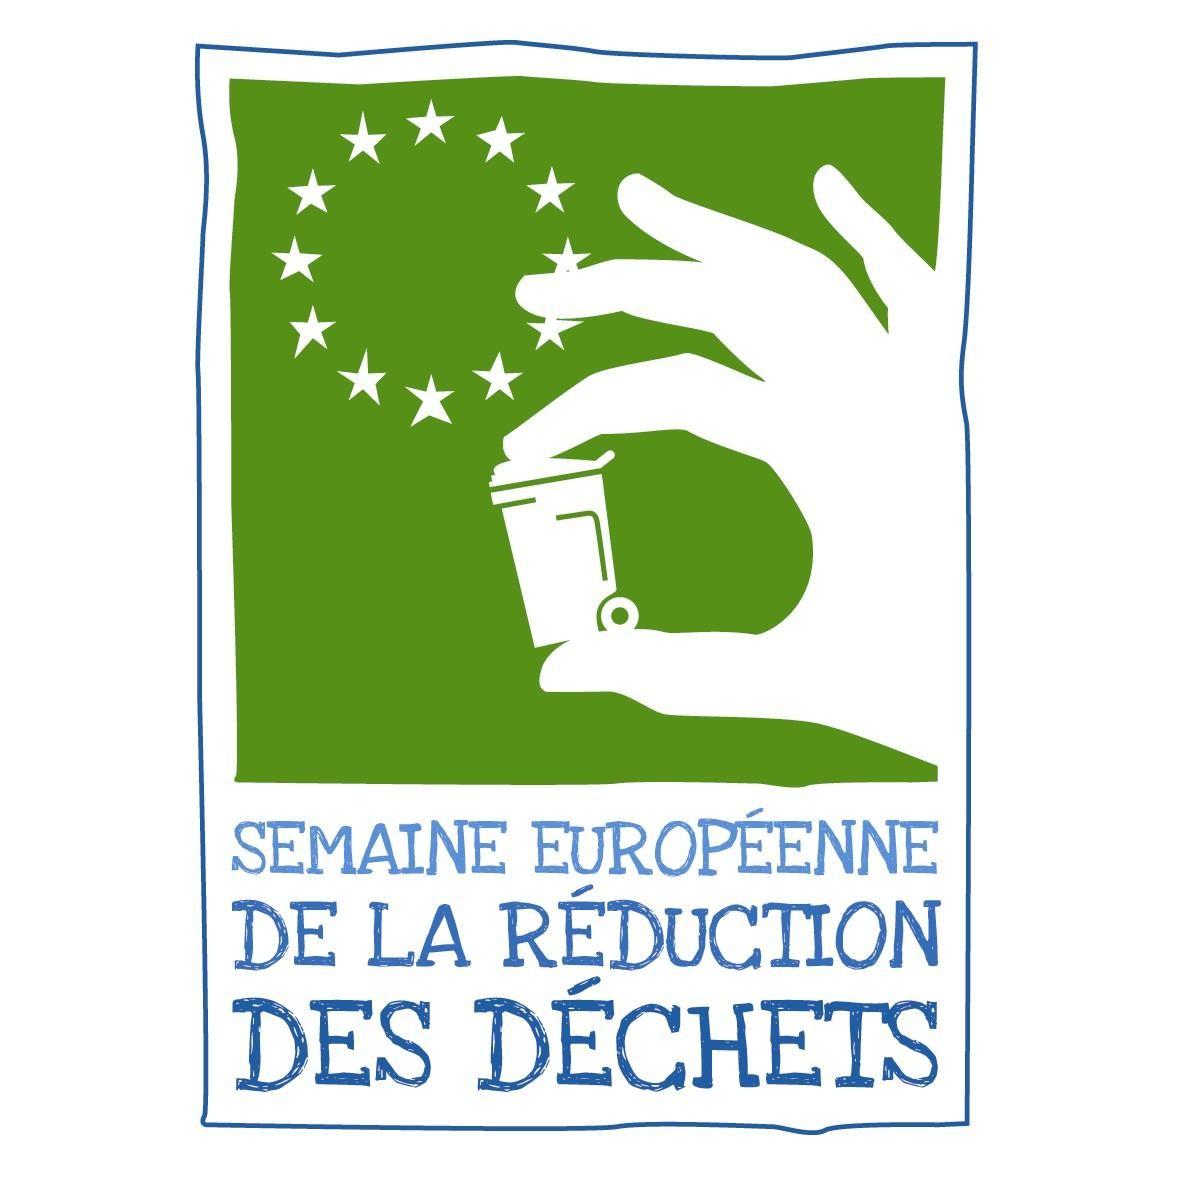 Semaine  Européenne de Réduction des Déchets du 16 au 24 novembre 2019.